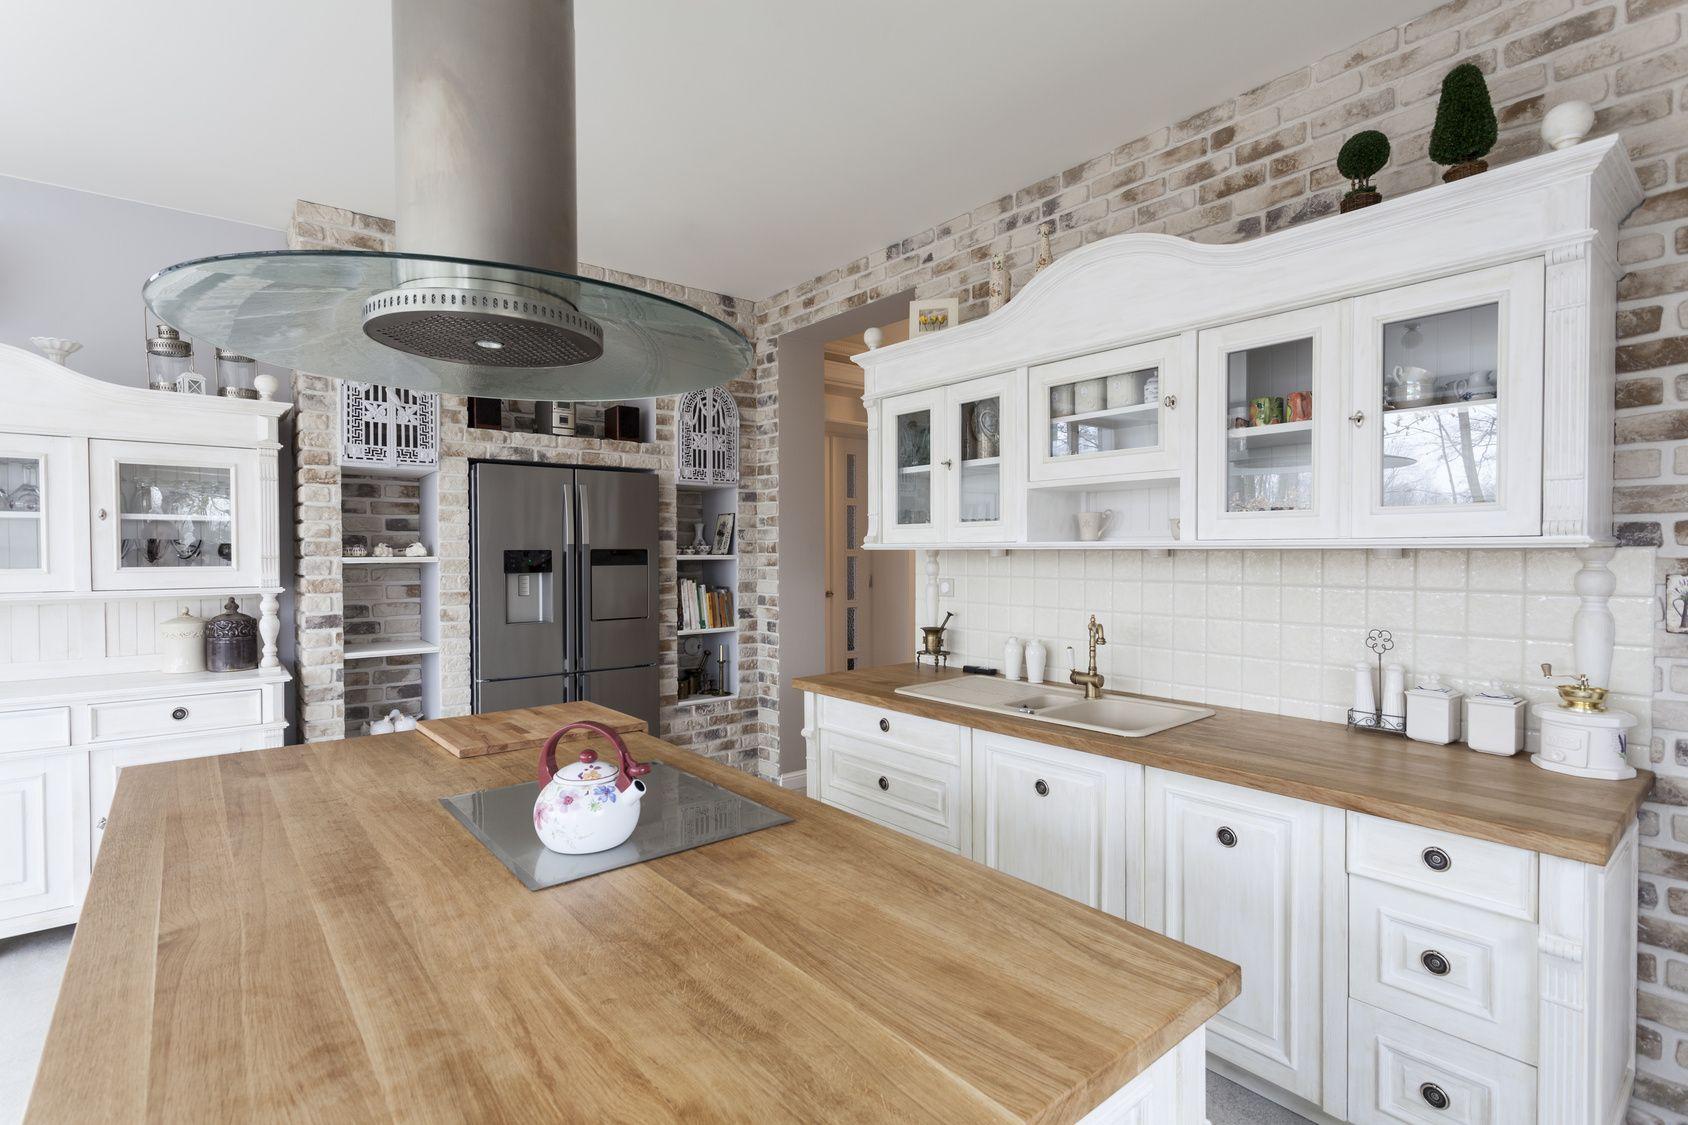 Moderne Landhausstilkuche Mit Grosszugiger Kucheninsel Landhaus Kuchen Kitchen Countertops Kitchen Design Und Luxury Kitchen Design